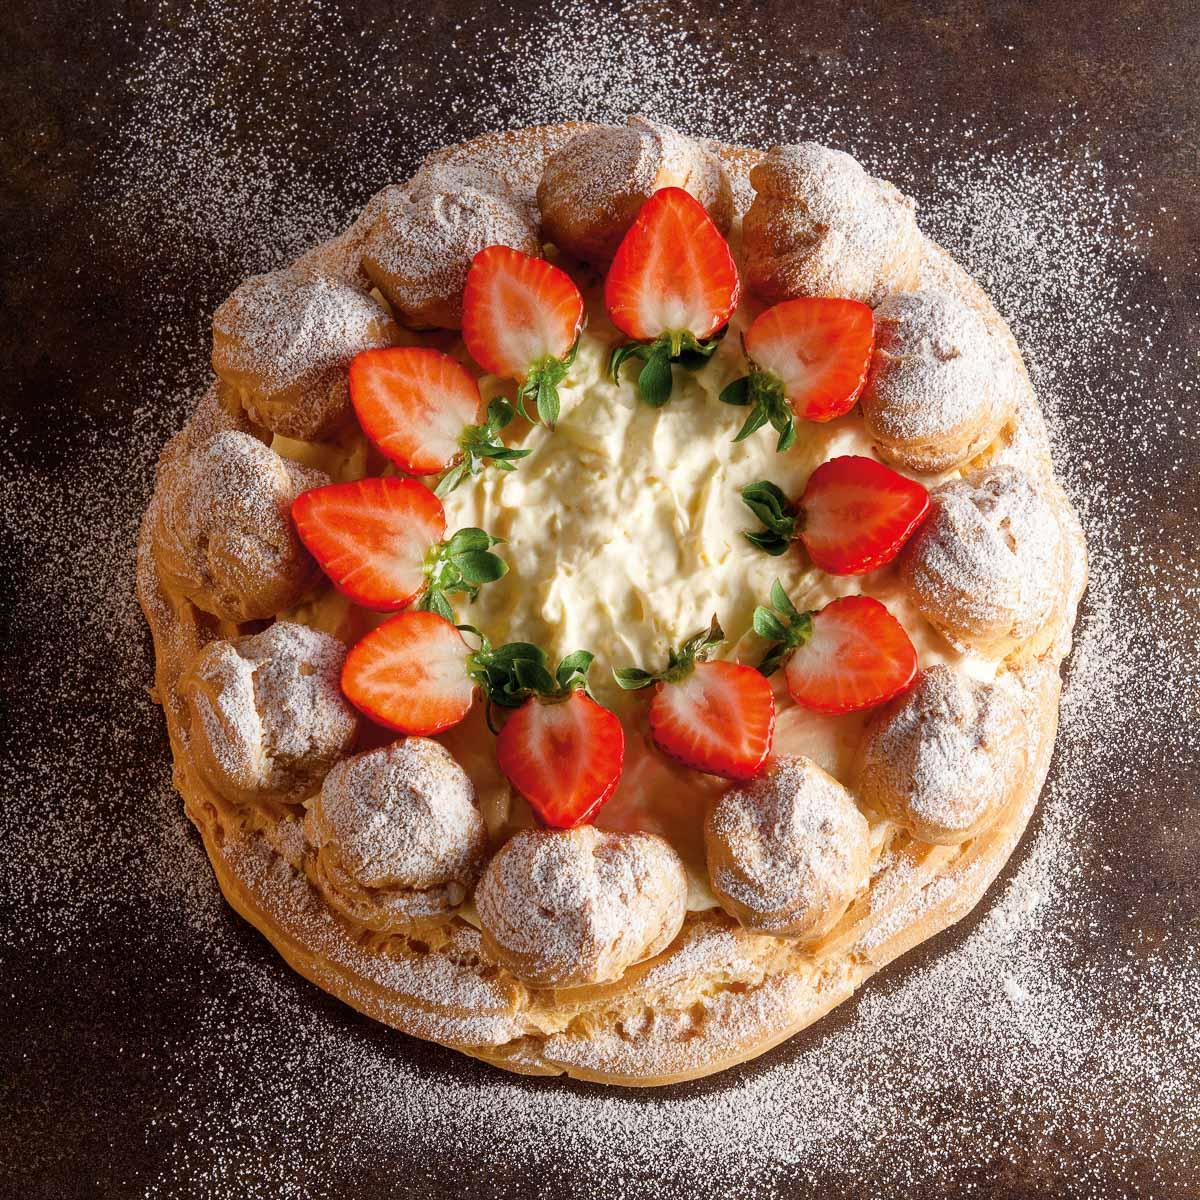 Rezept für Saint-Honoré-Torte © Michael Rathmayer